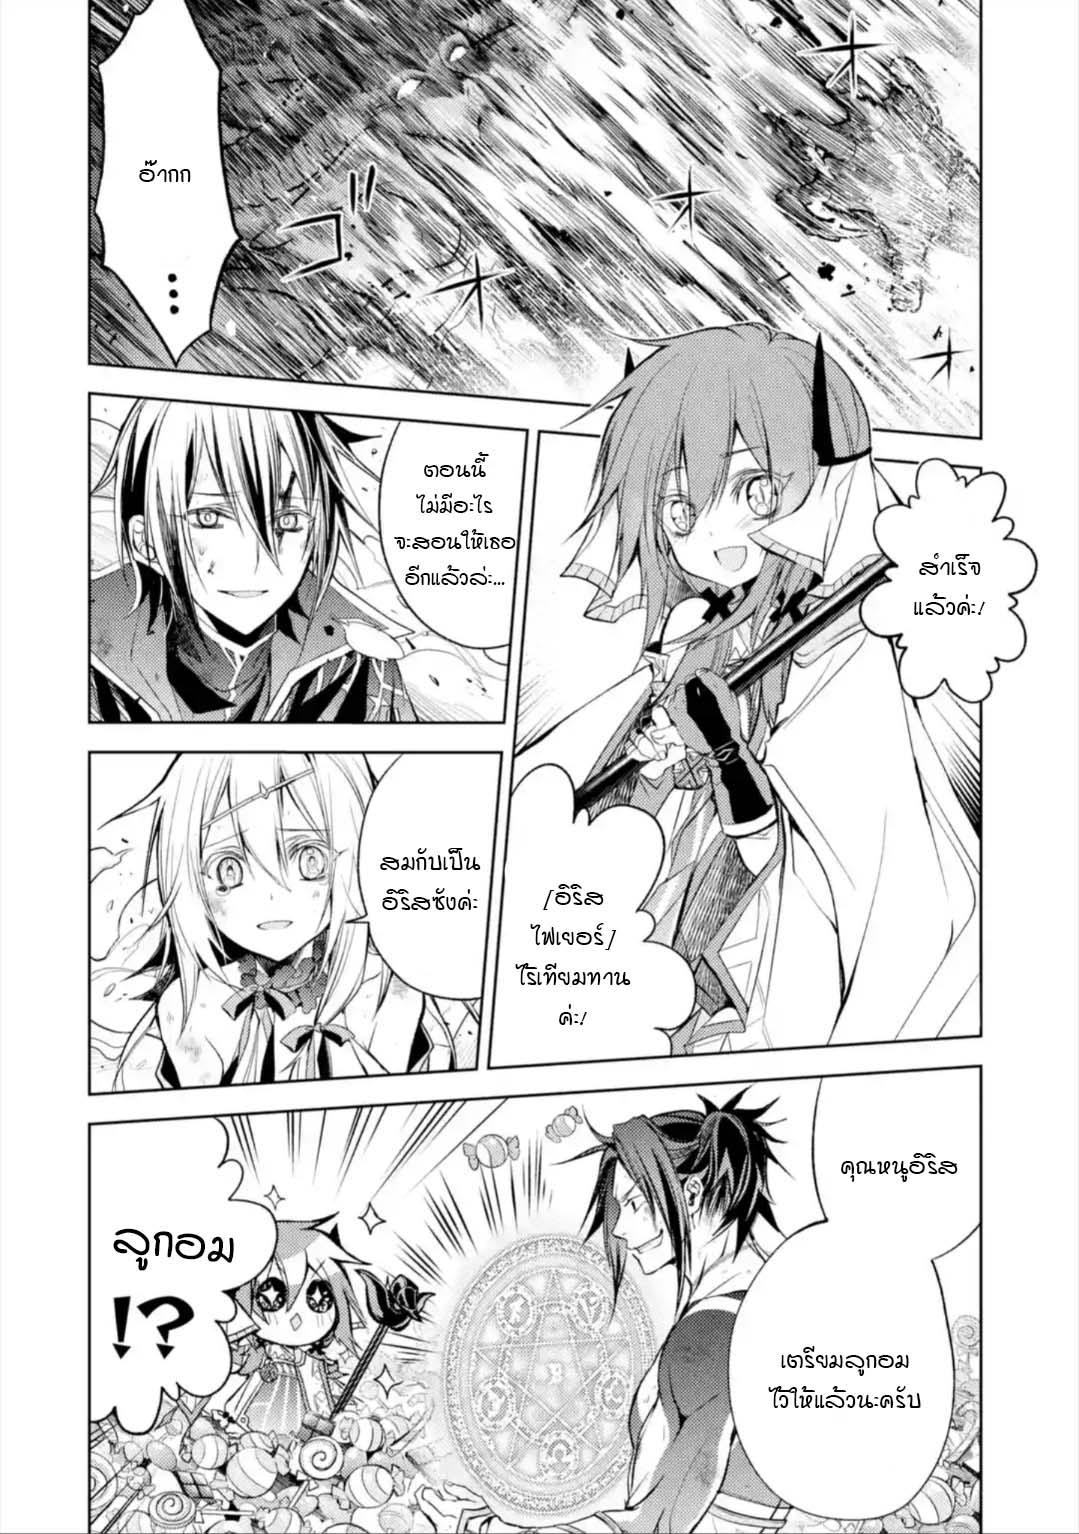 อ่านการ์ตูน Senmetsumadou no Saikyokenja ตอนที่ 8.1 หน้าที่ 5